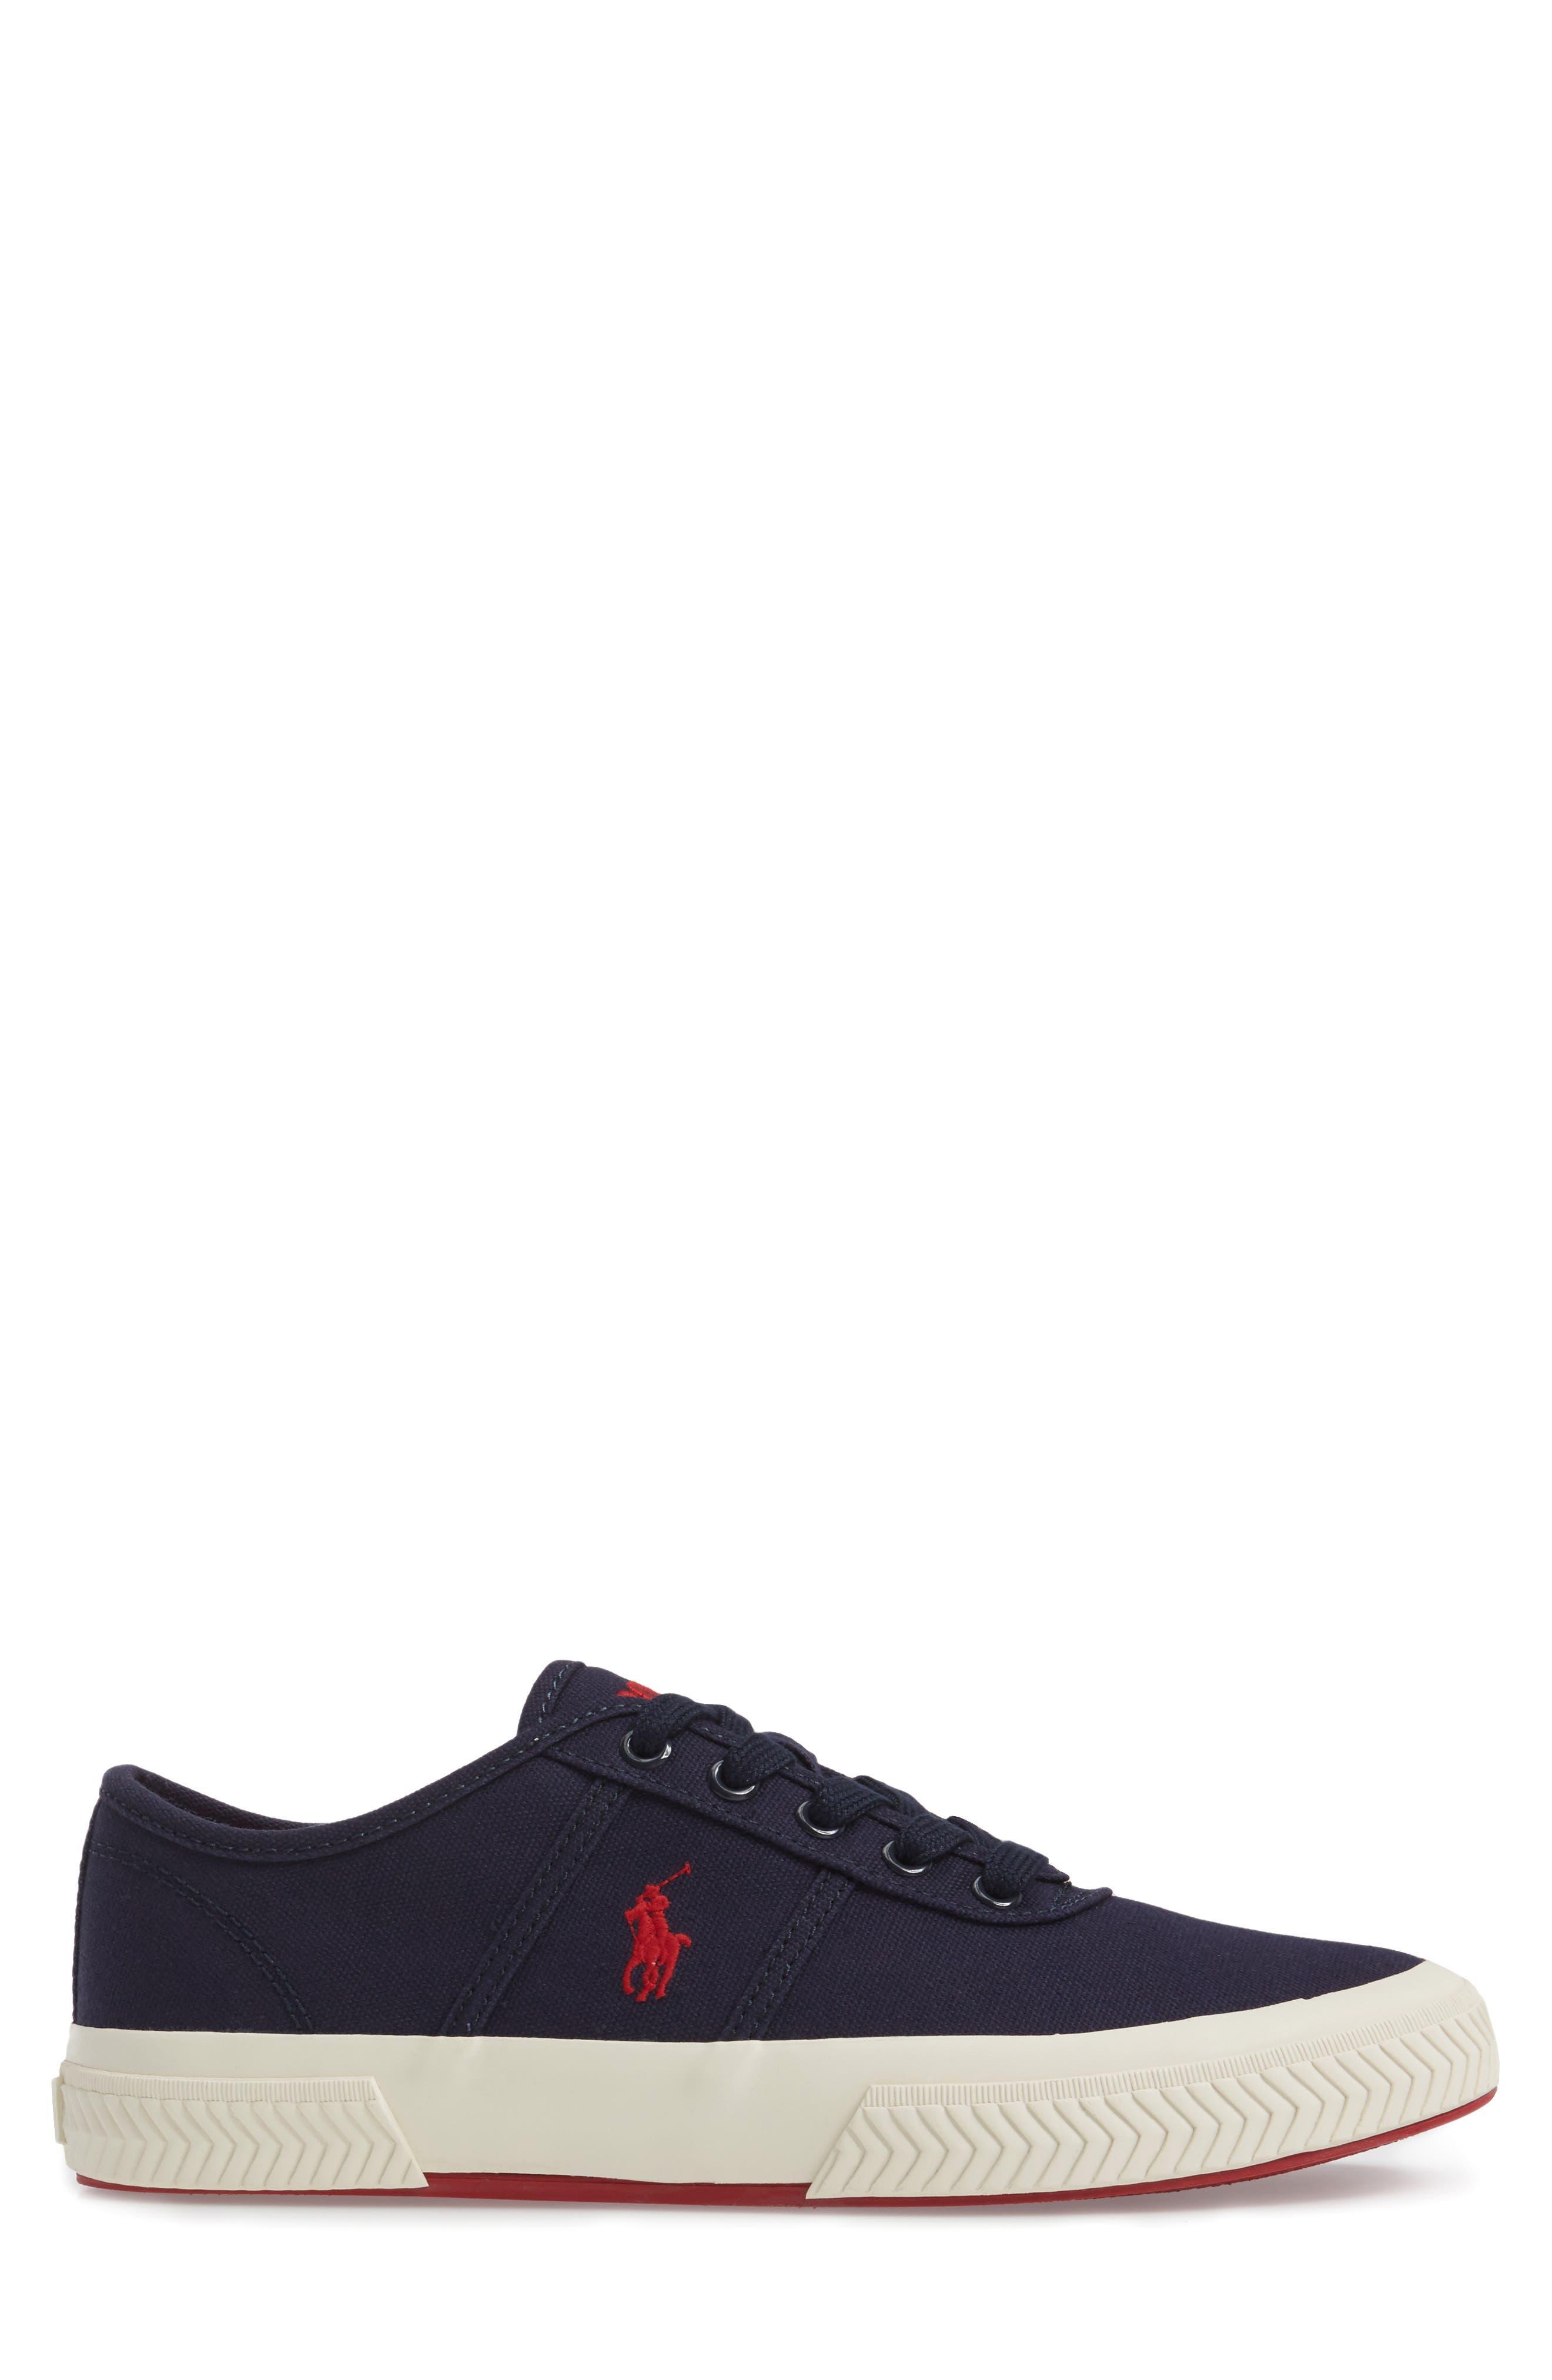 Alternate Image 3  - Polo Ralph Lauren Tyrian Sneaker (Men)